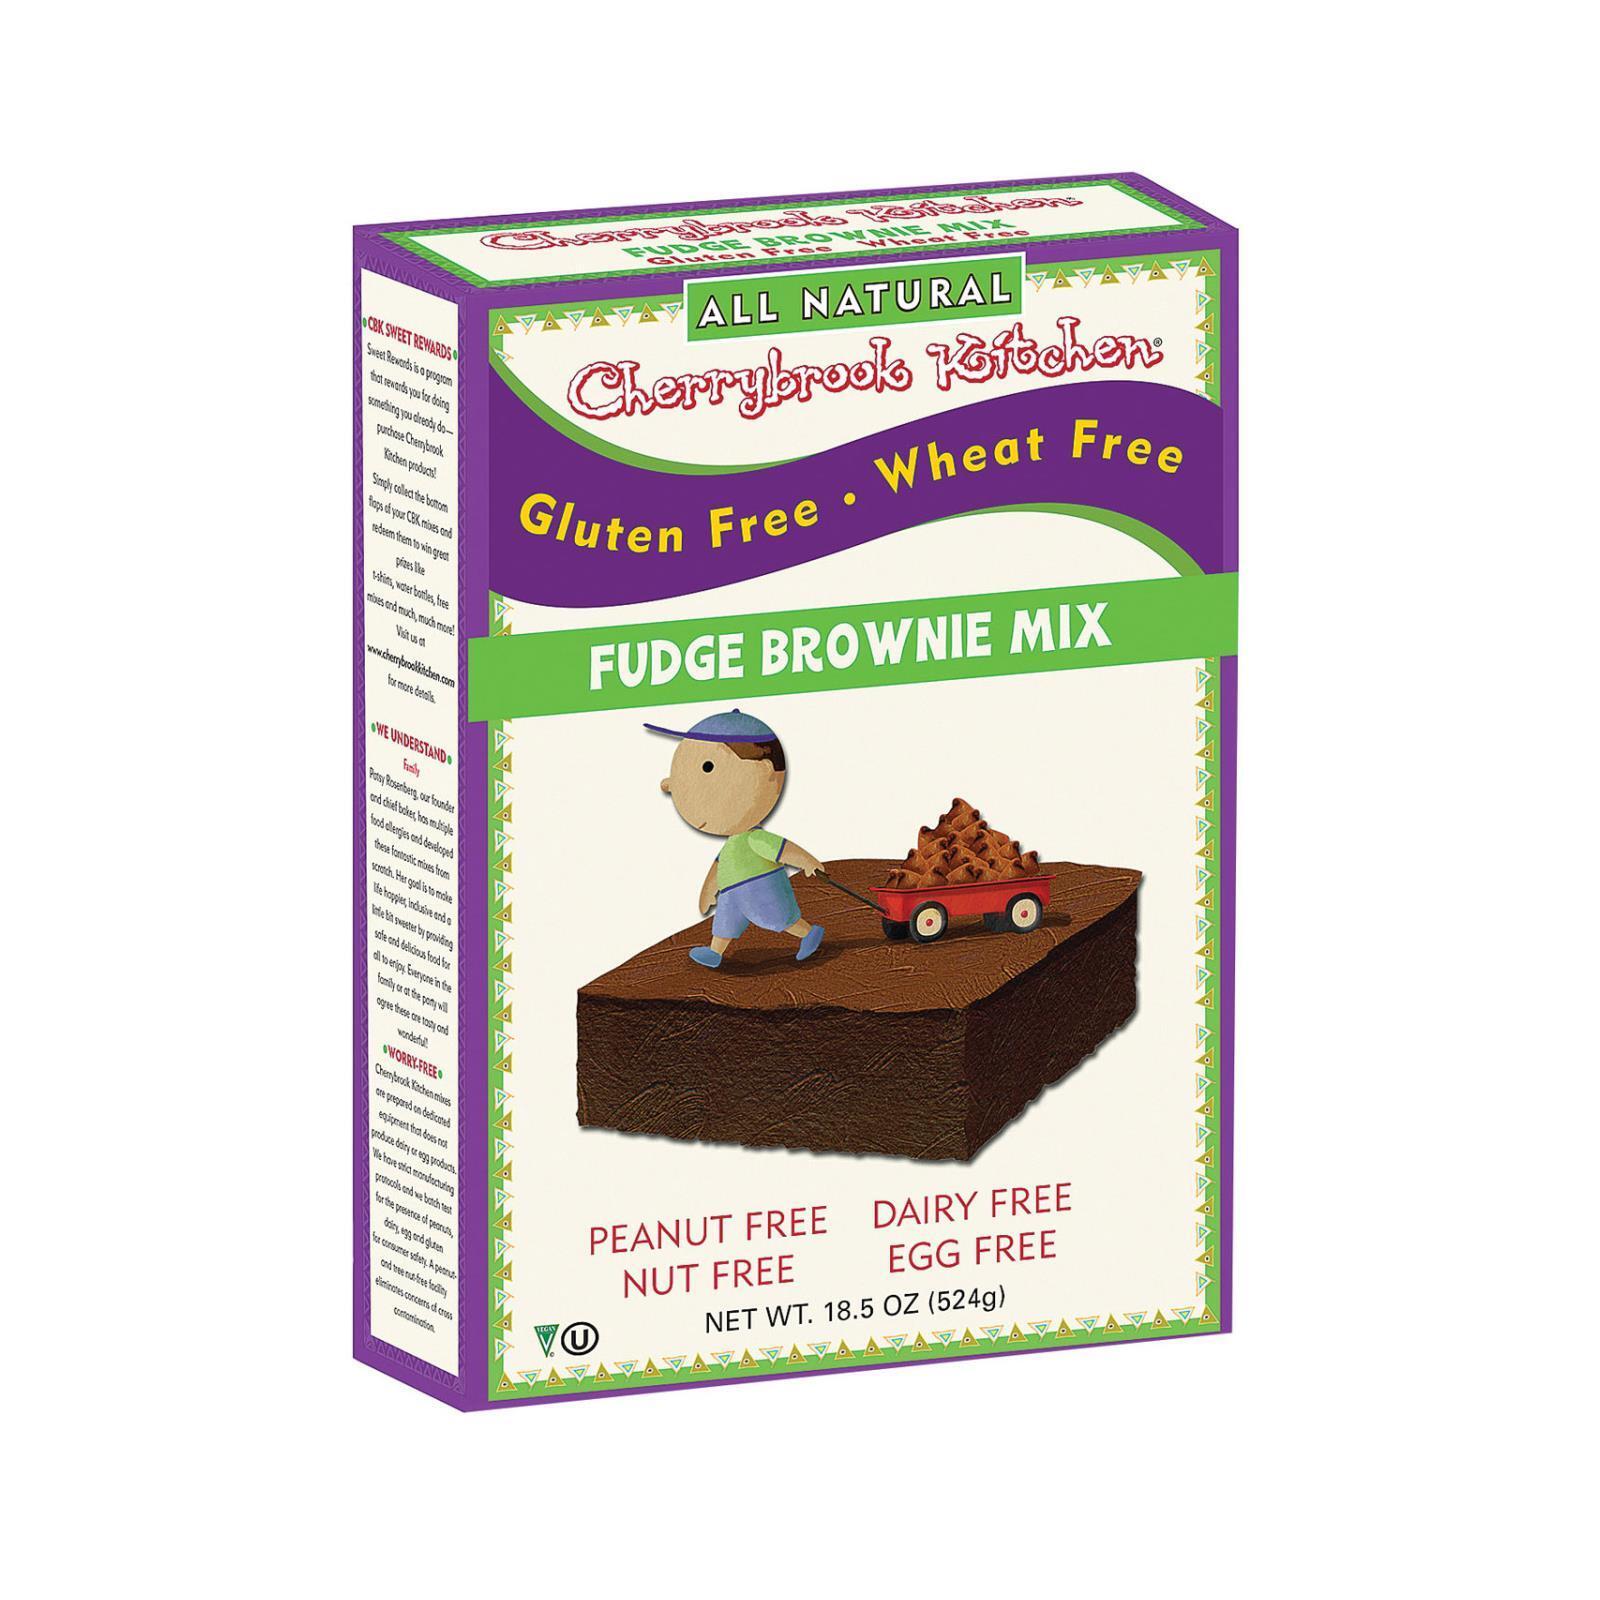 Cherrybrook Kitchen Brownie Mix - Wheat & Gluten Free - Case of 6 - 14 oz